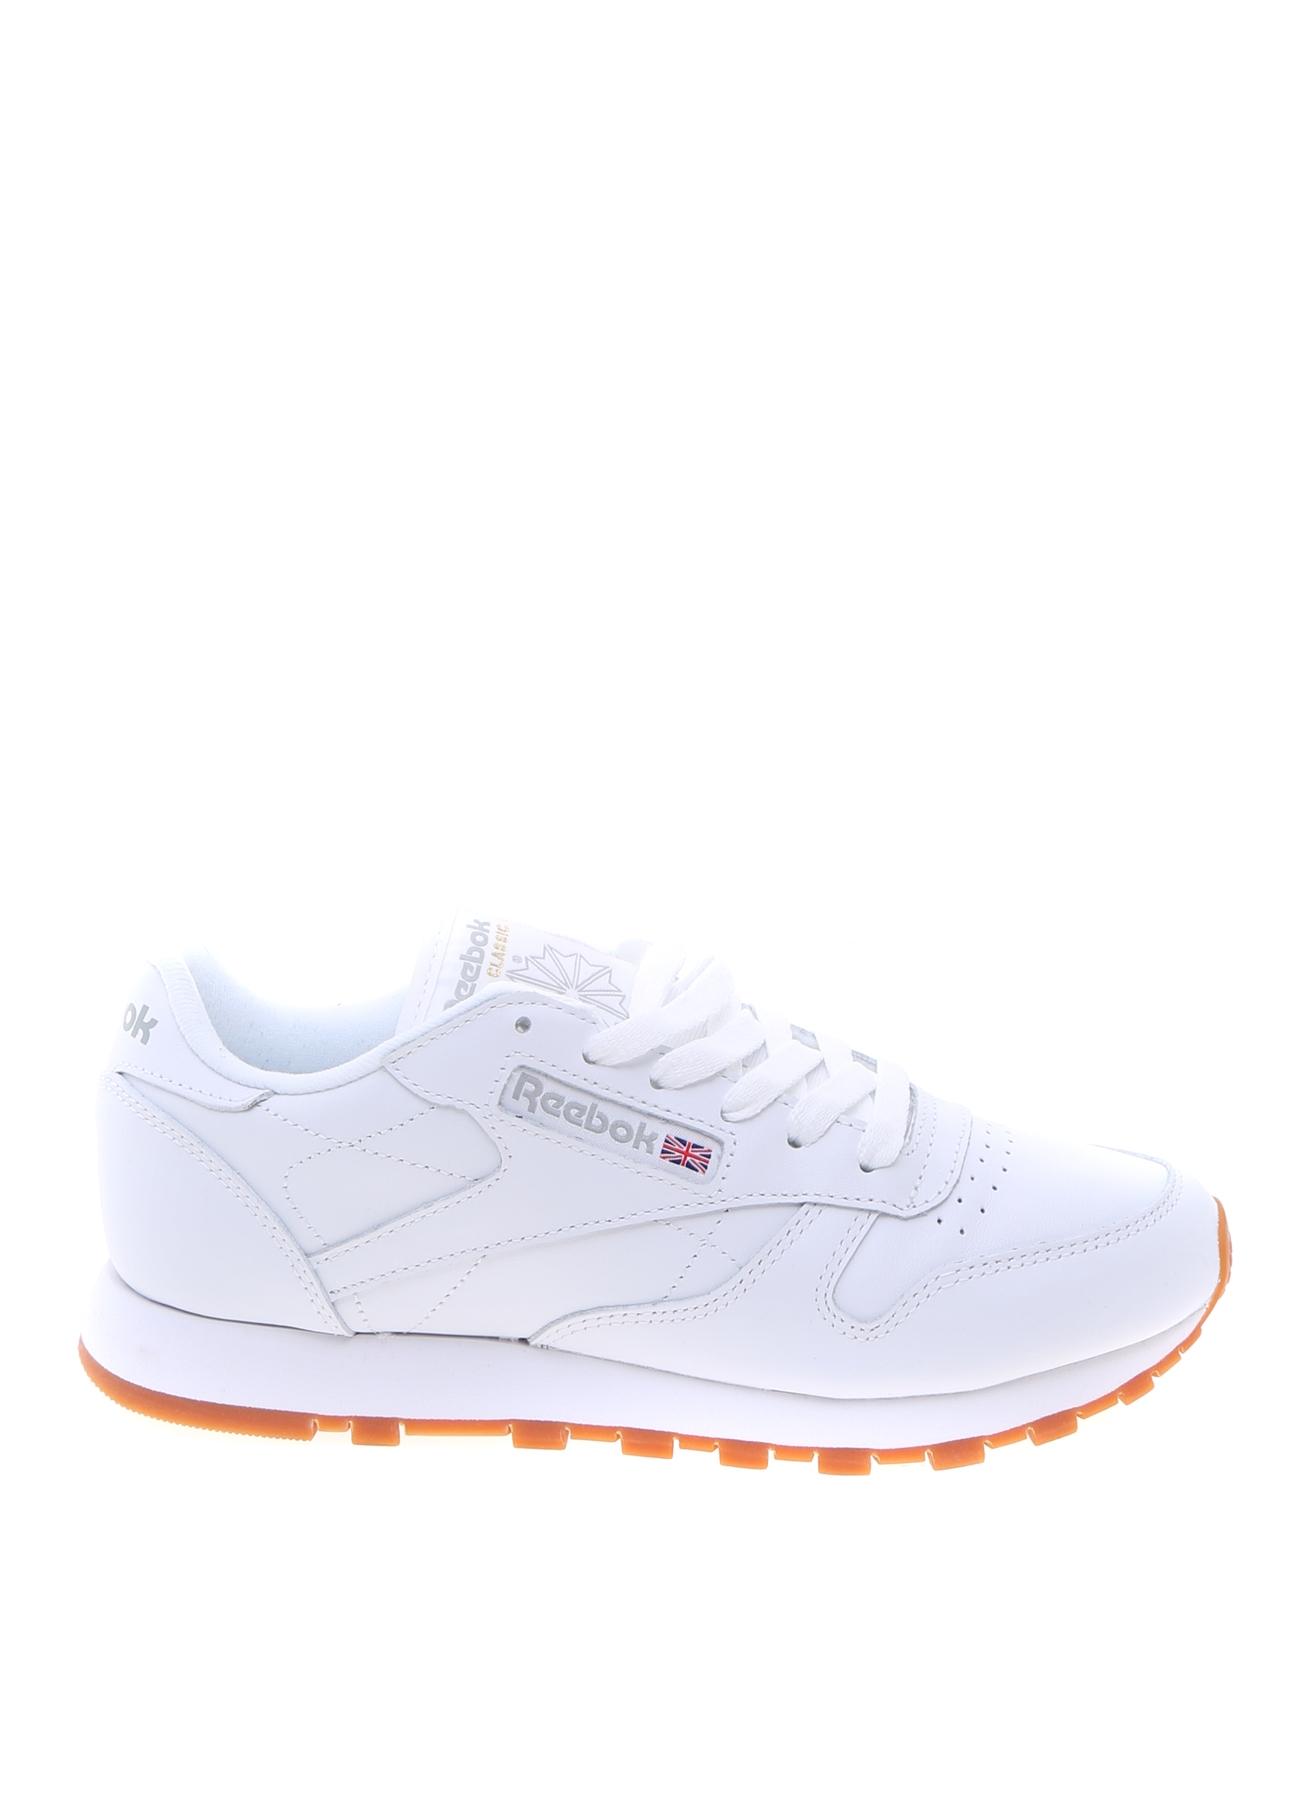 Reebok CL Leather Lıfestyle Ayakkabı 37.5 5000165207002 Ürün Resmi